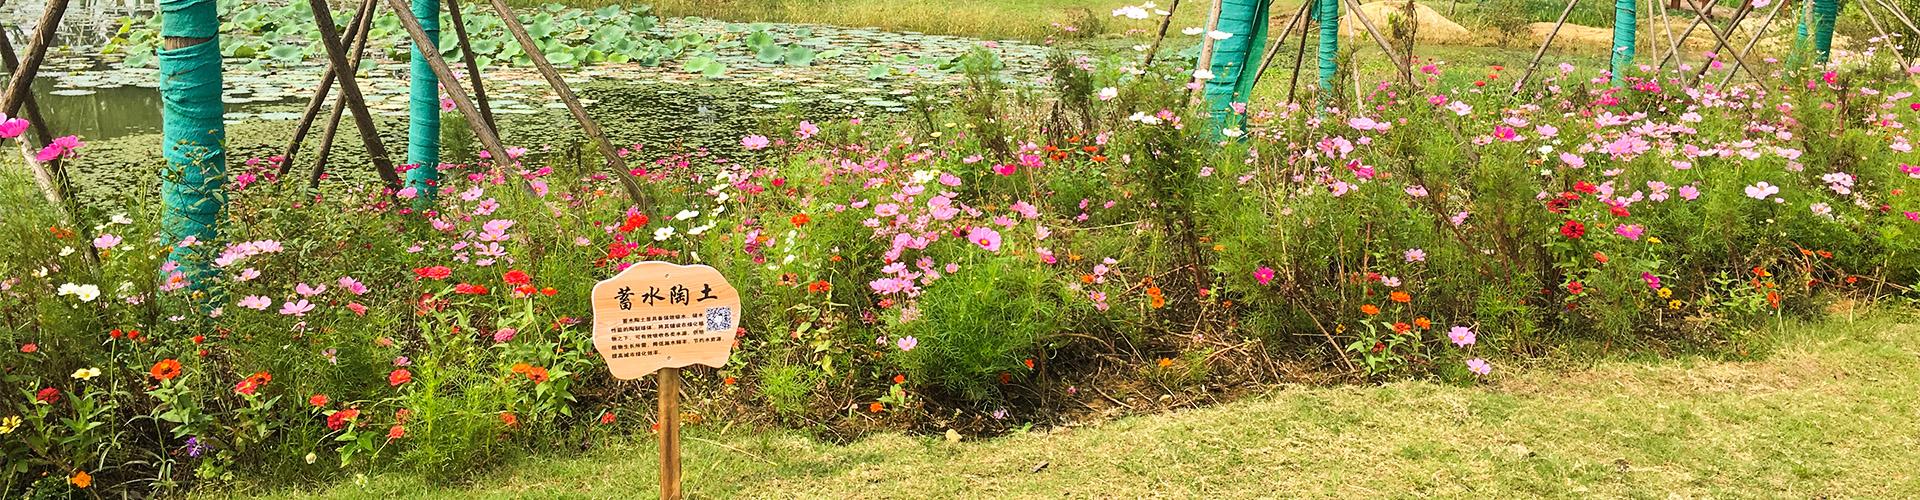 超强蓄水提高植物存活率